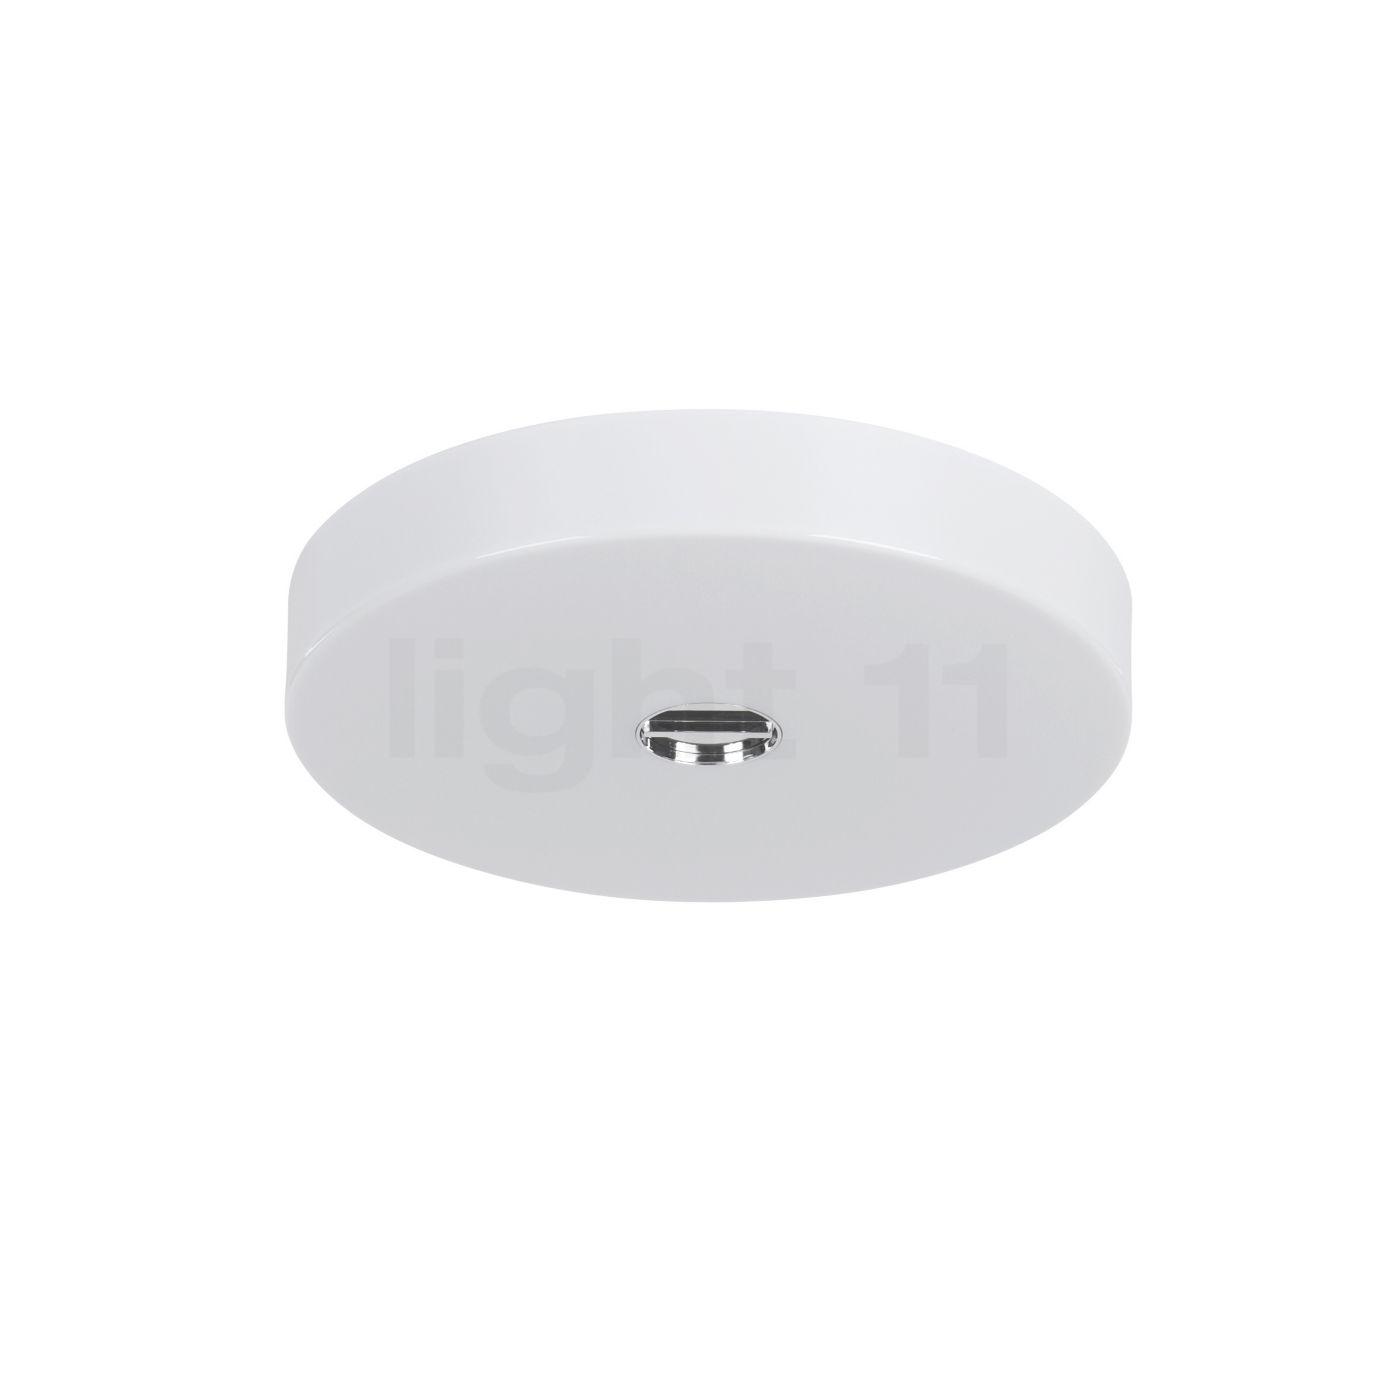 Lampes pour l'éclairage de la salle de bain d'intérieur   light11.fr